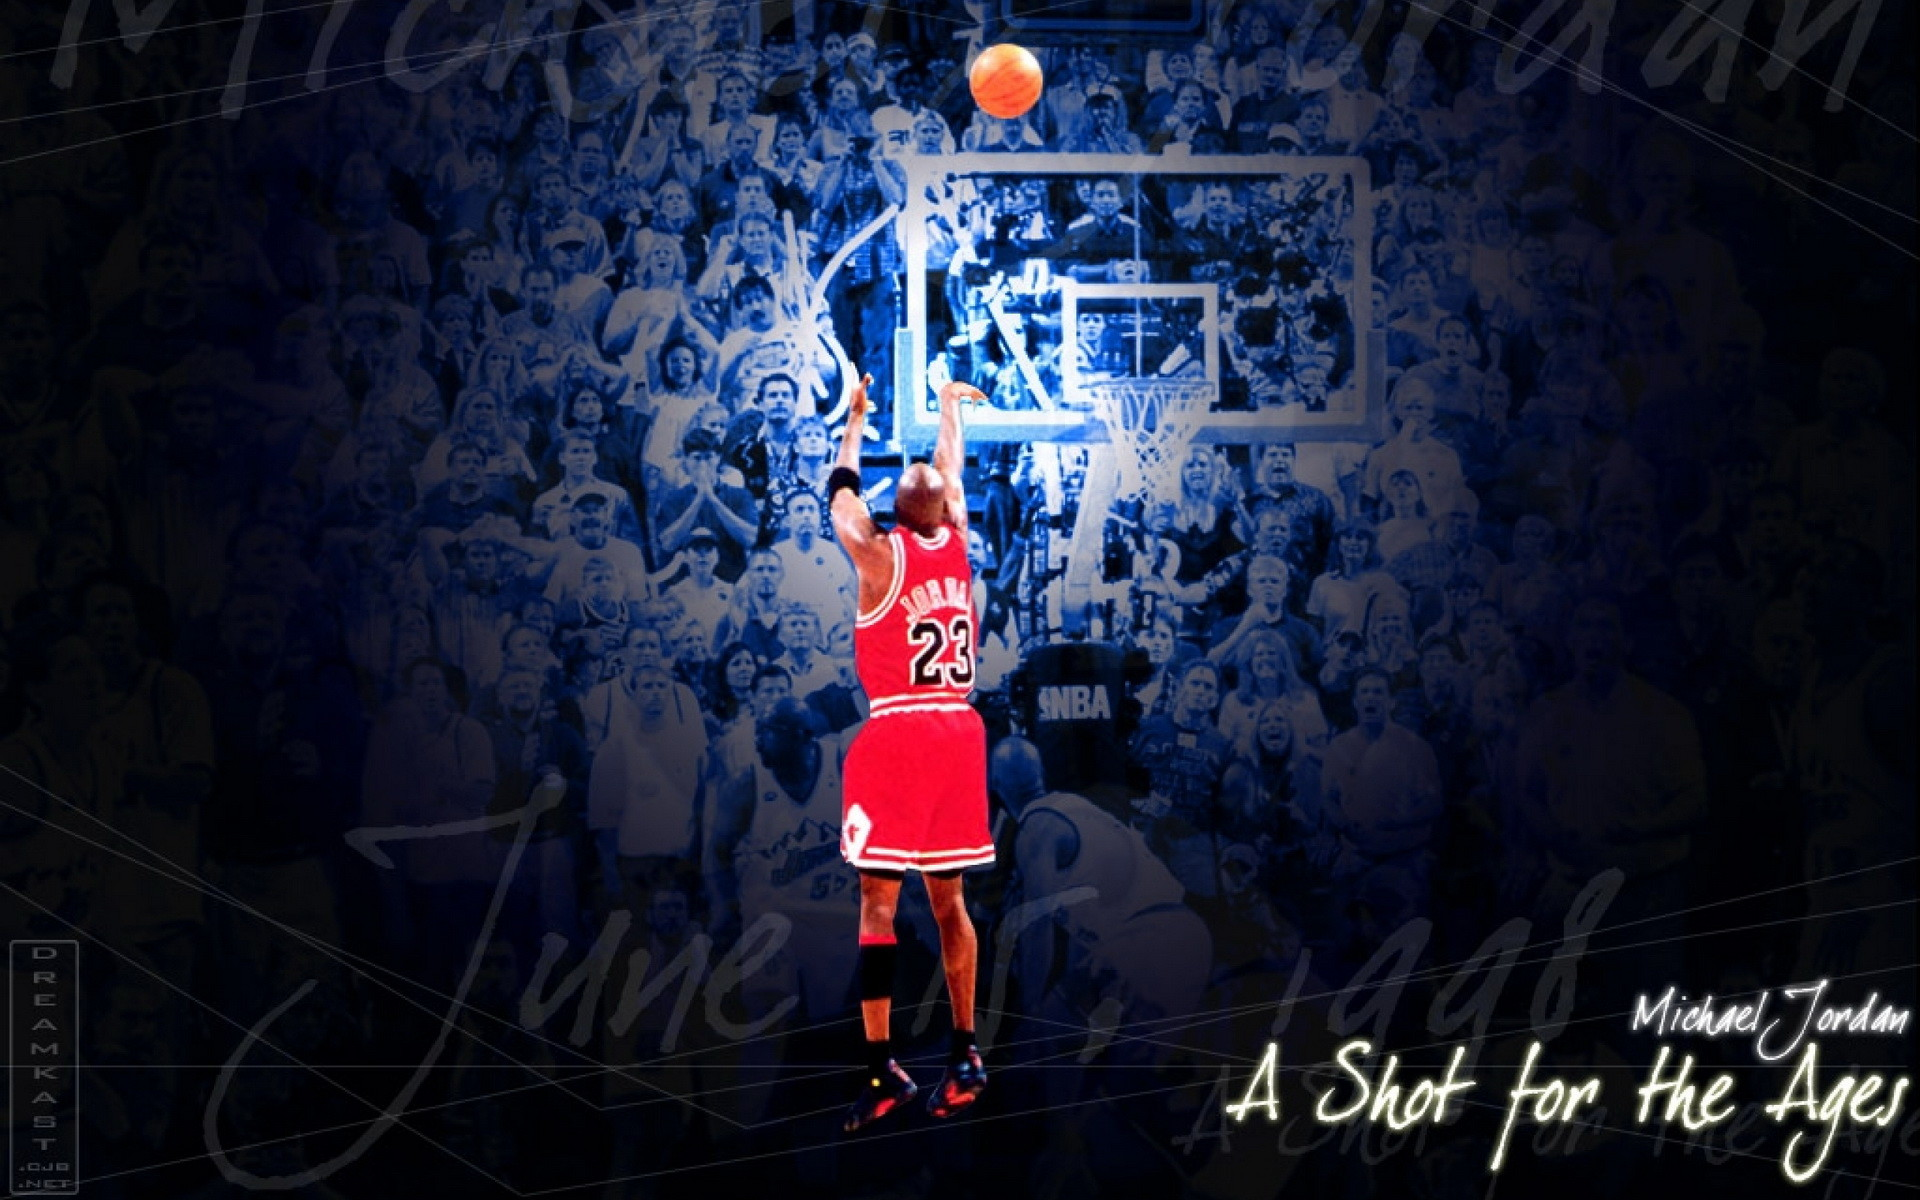 HD Air Jordan Logo Wallpapers For Free Download